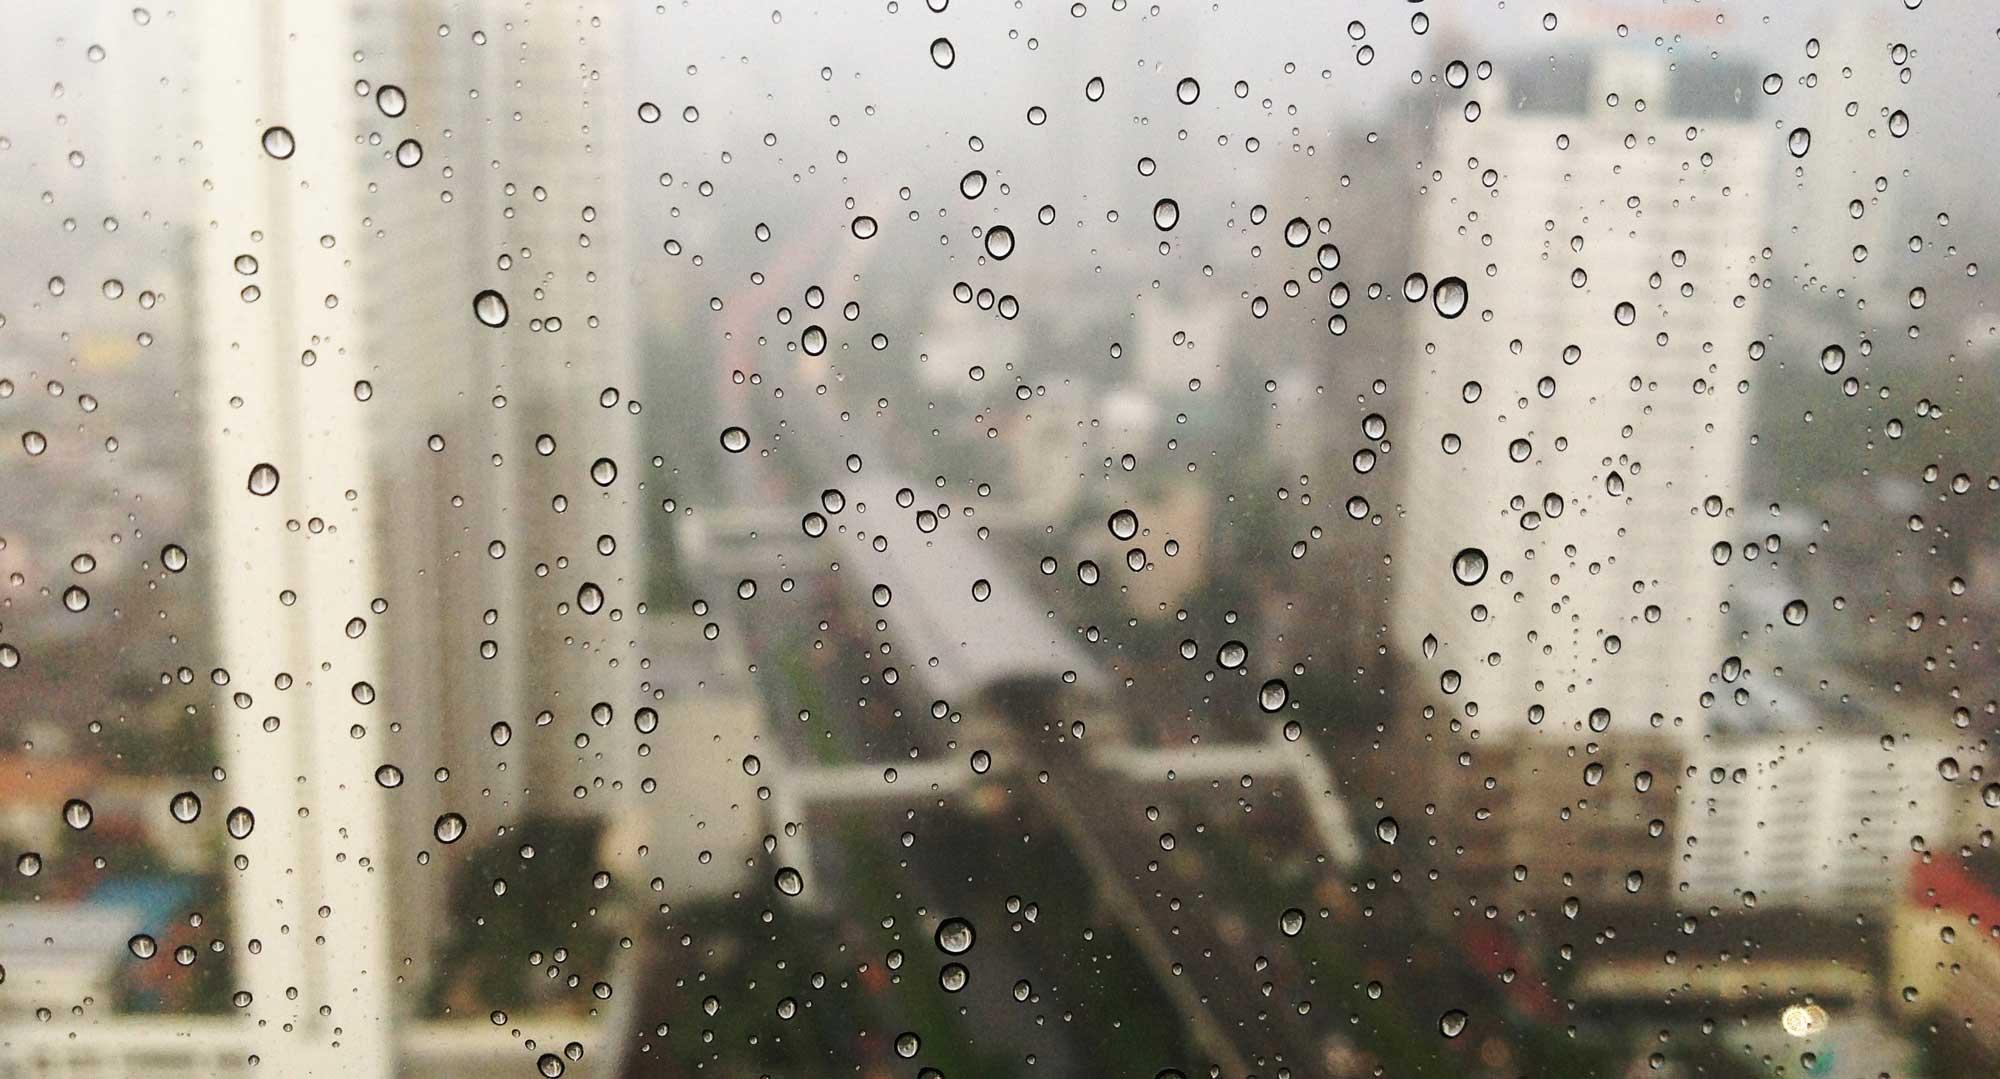 rain-drops-on-window